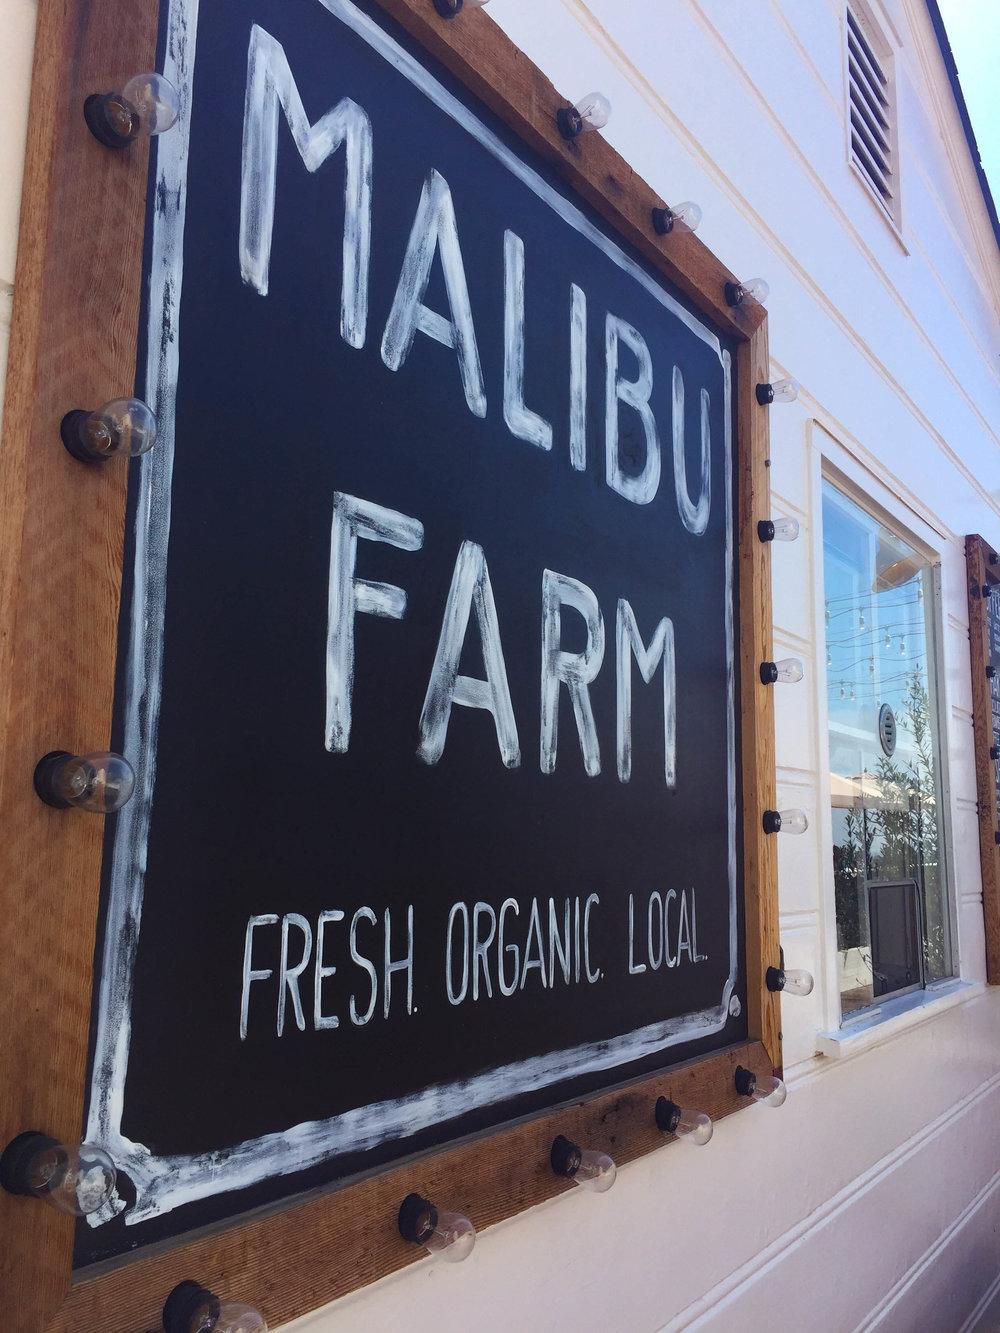 Malibu Farm Brunch Spot on the pier in Los Angeles